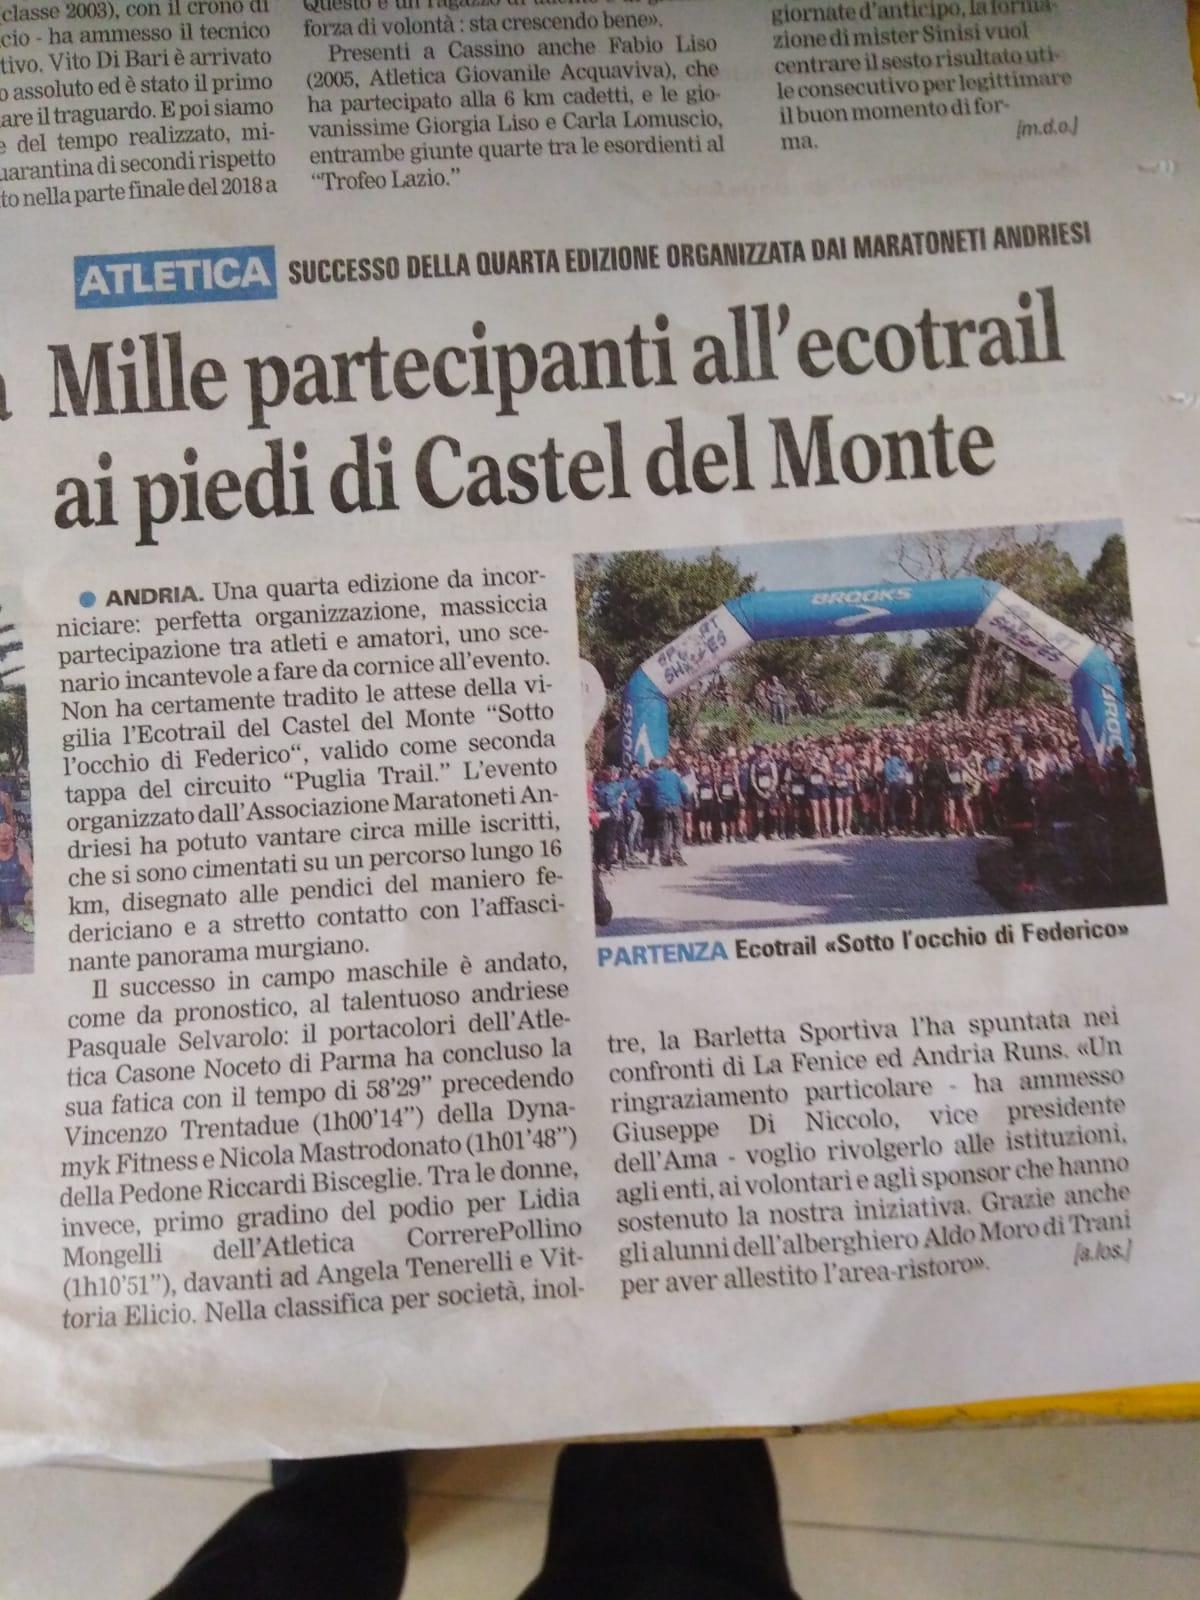 Gazzetta del Mezzogiorno Andria ecotrail 2019-03-31